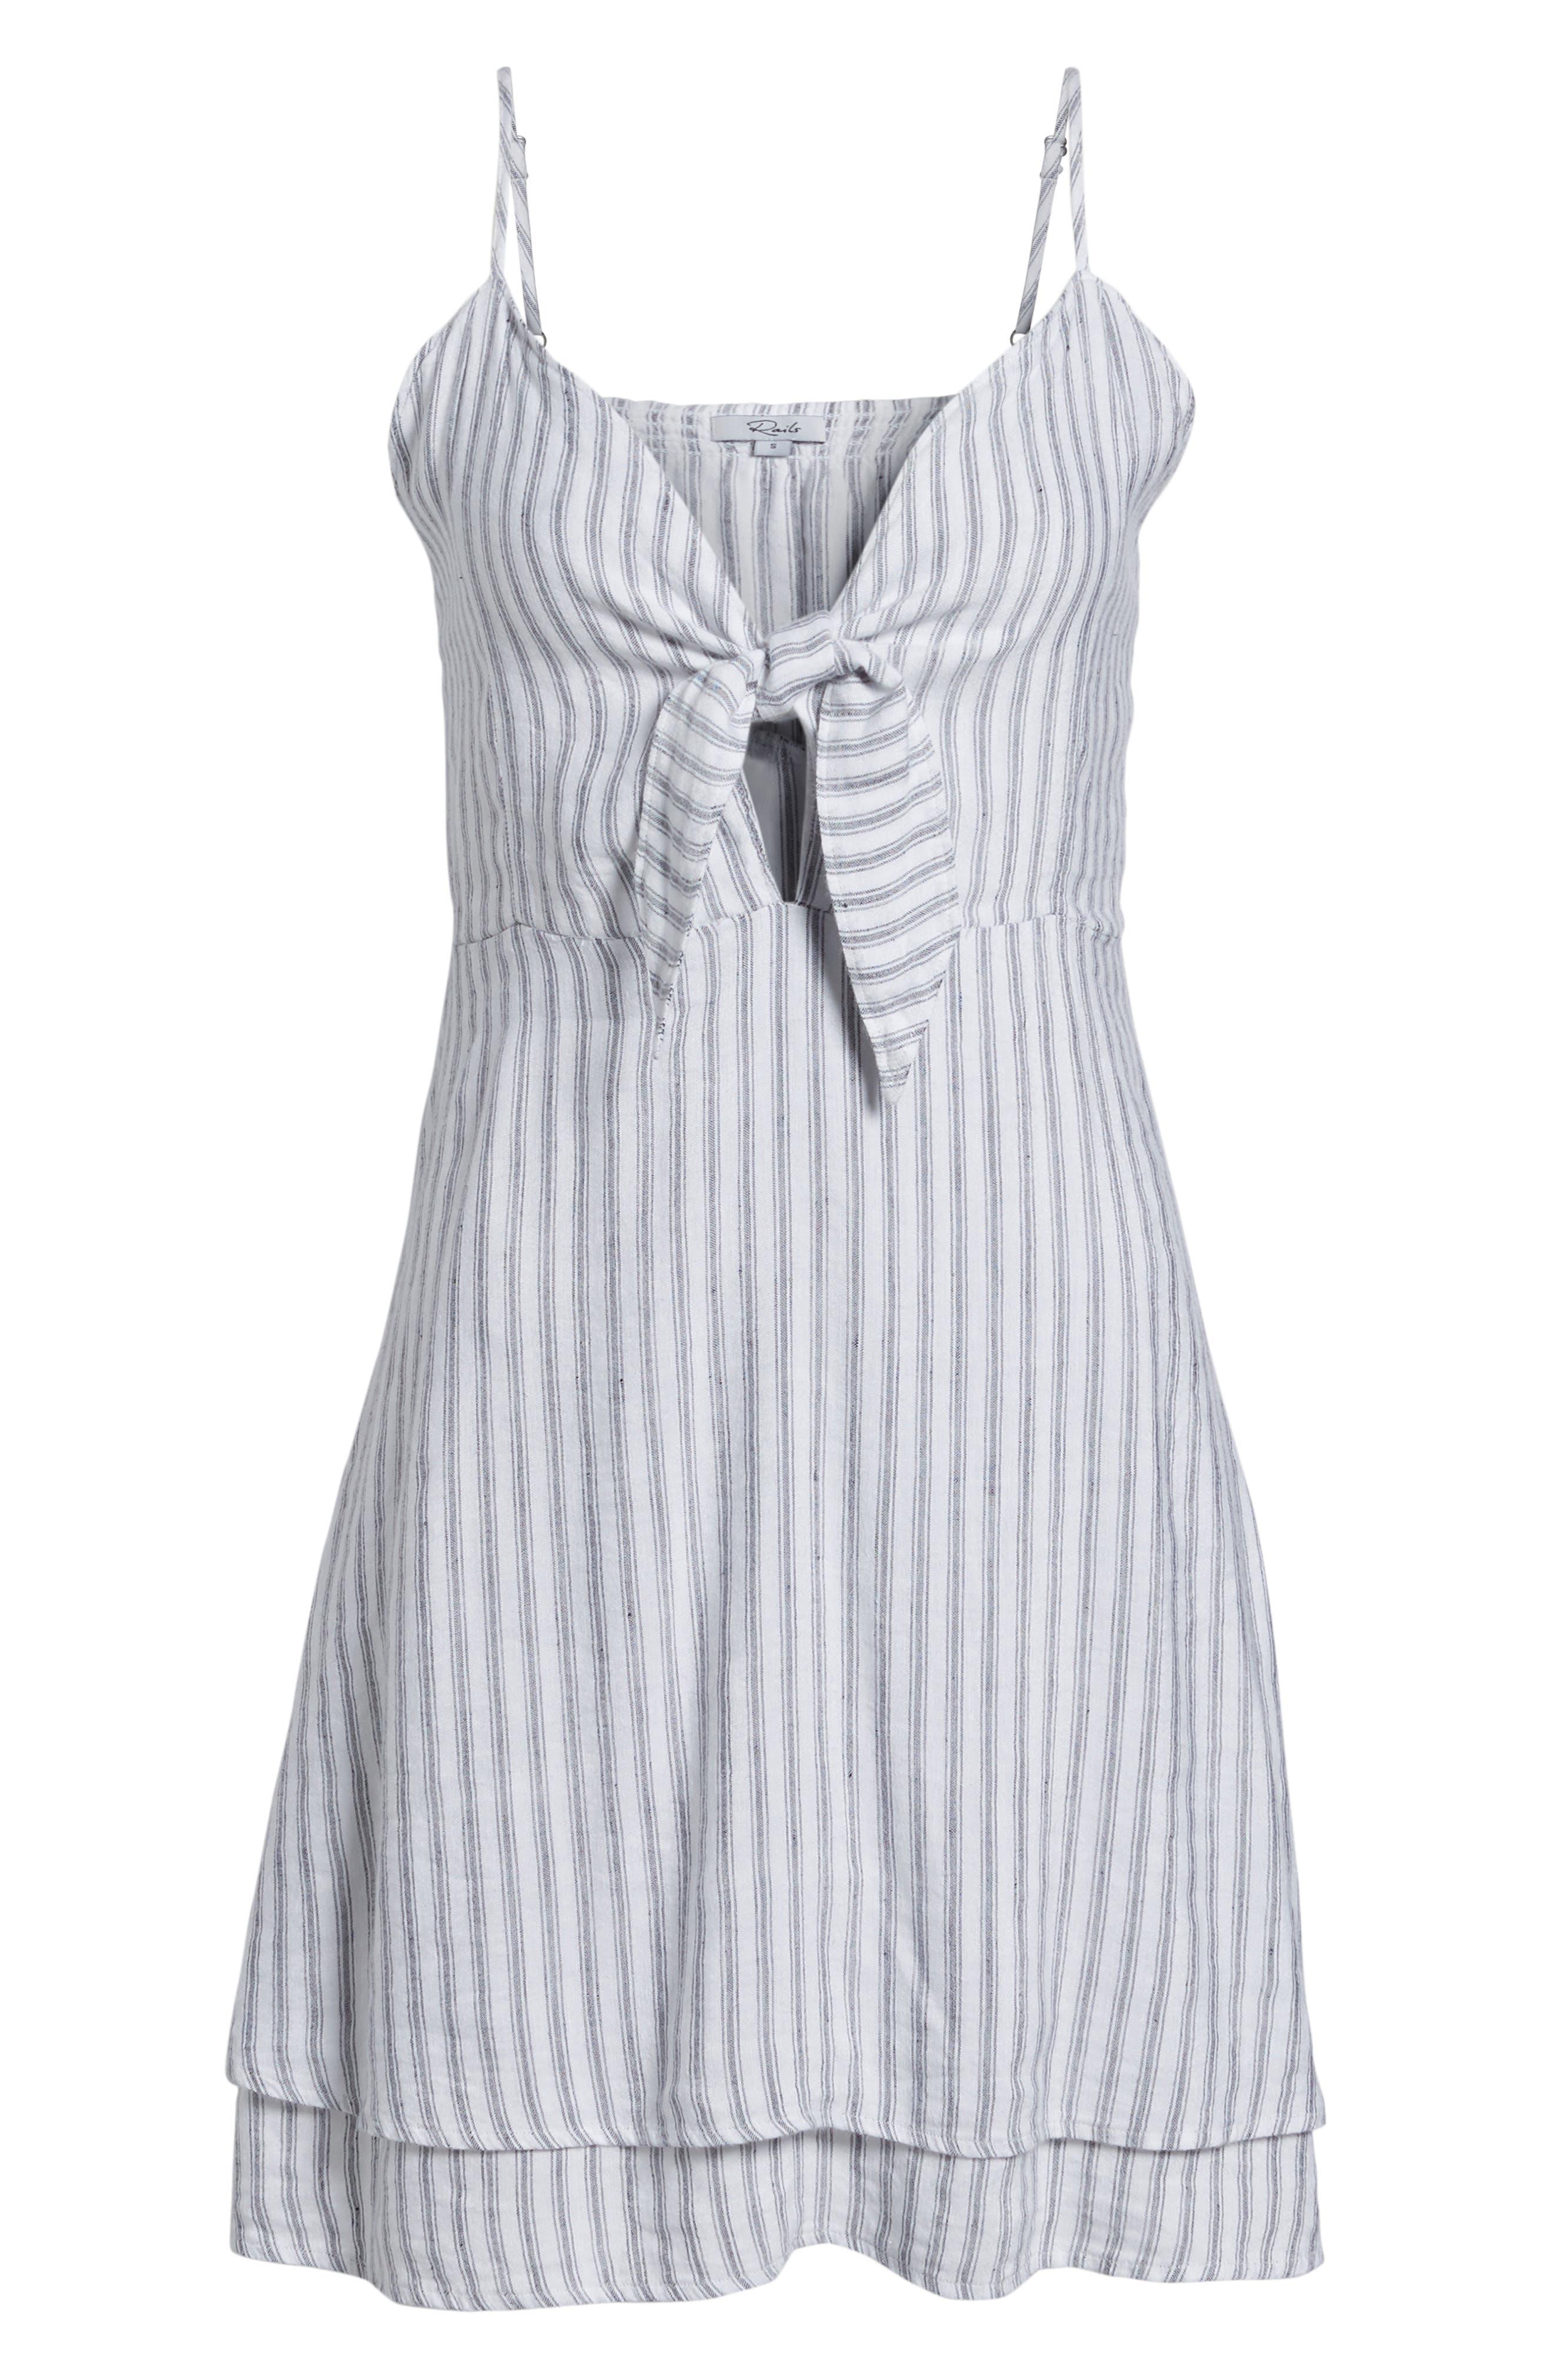 August Stripe Tie Front Dress,                             Alternate thumbnail 7, color,                             CANELA STRIPE